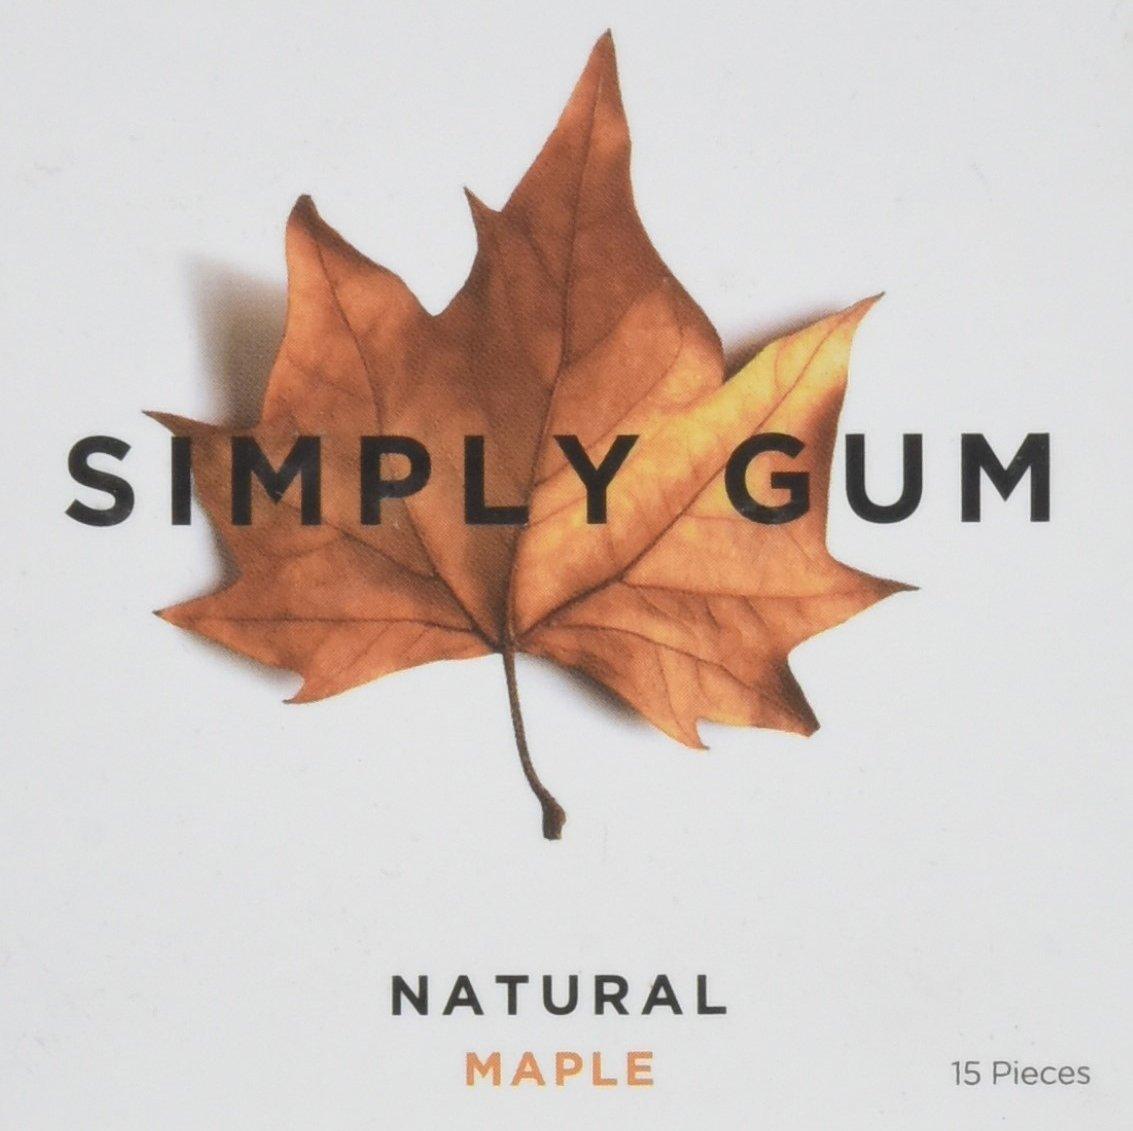 Simplygum Maple Natural Gum, 15 ct by Simply Gum